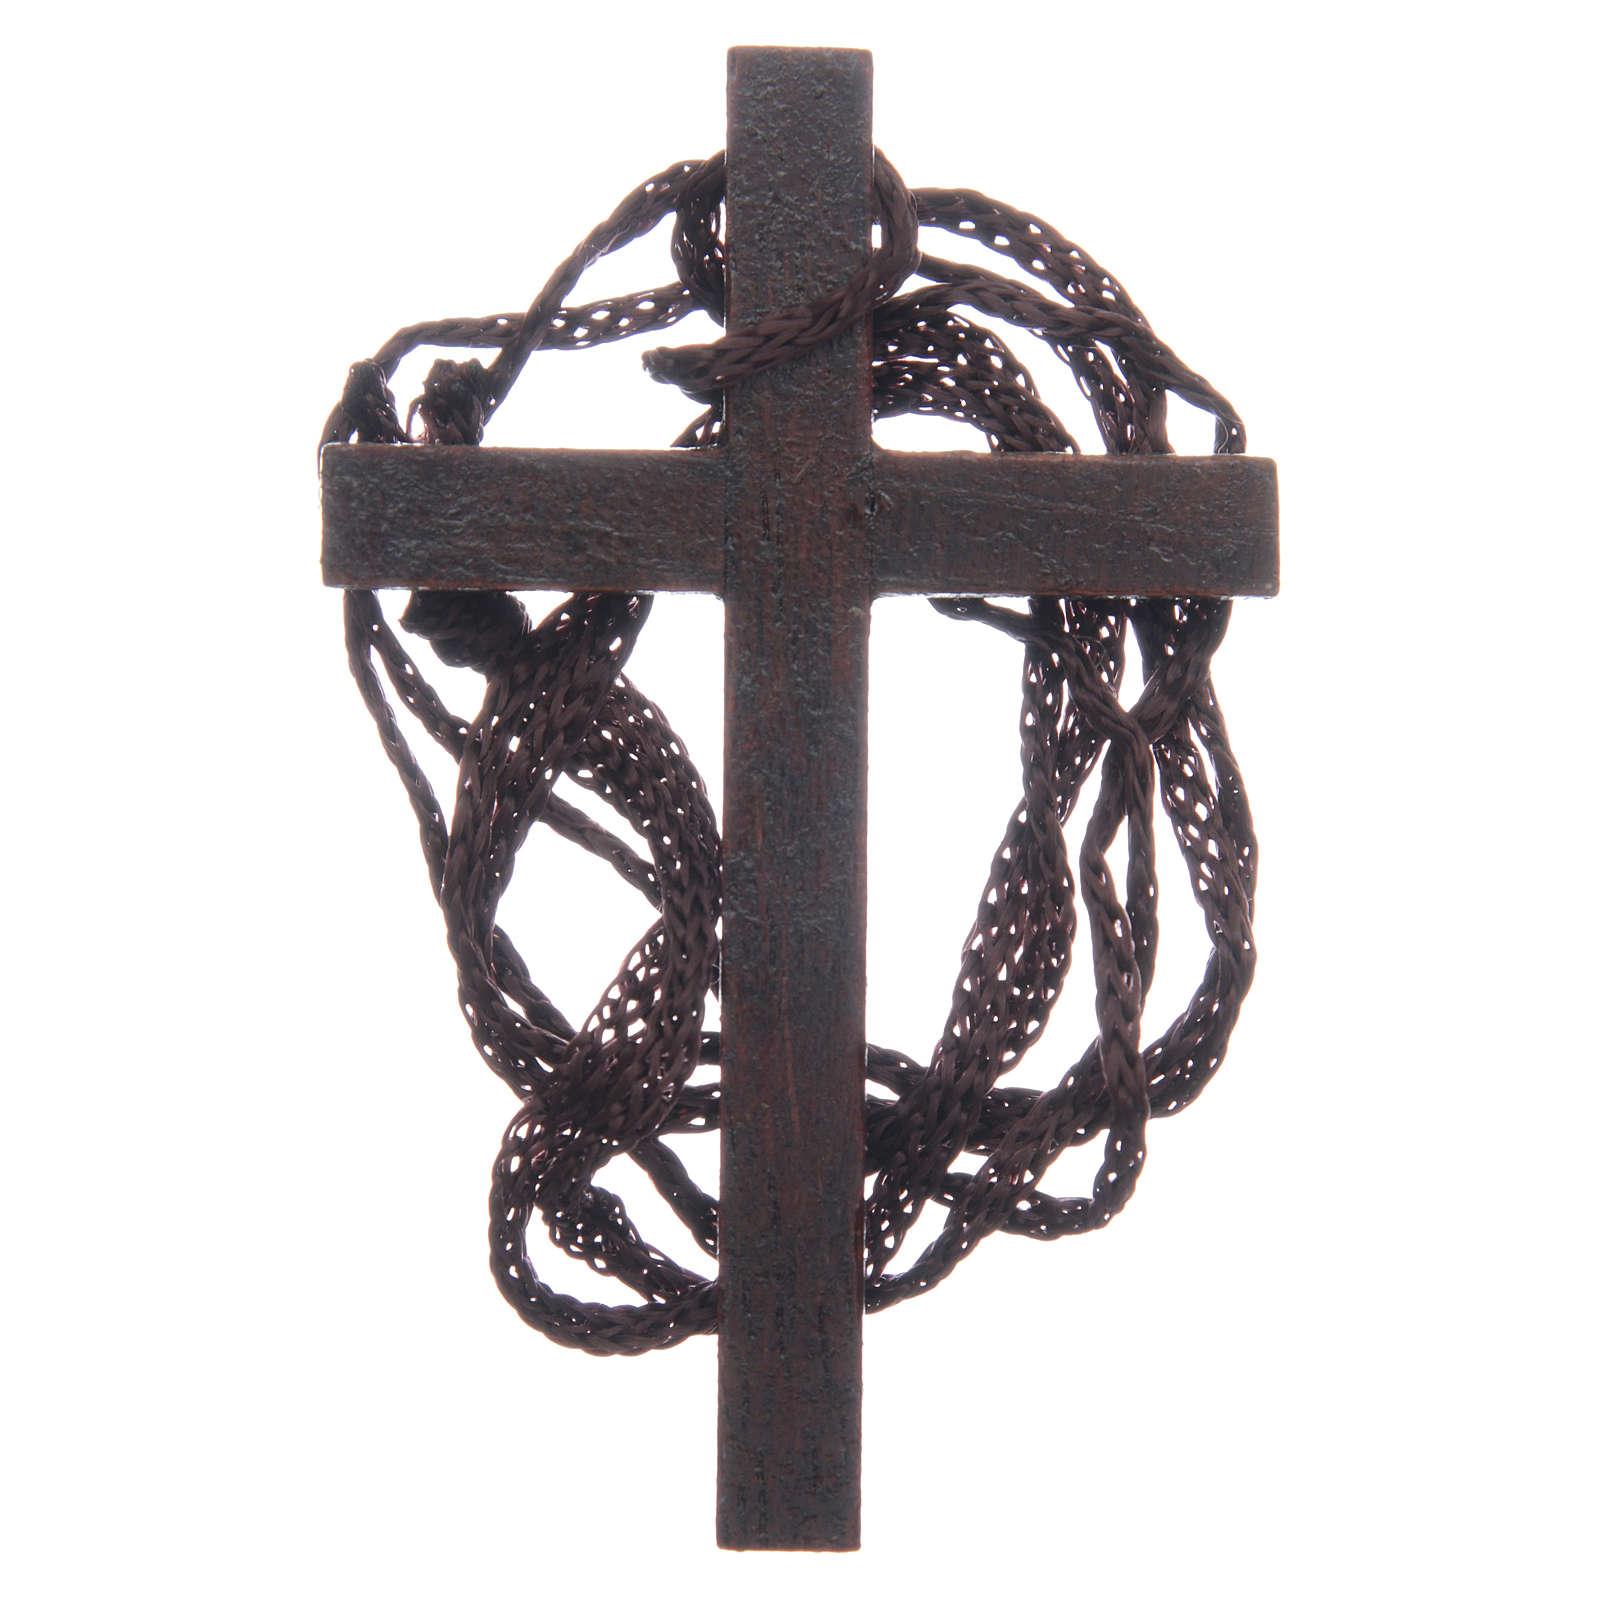 Holzkreuz mit goldfarbenen Einlagen und Kordel 8 cm 4